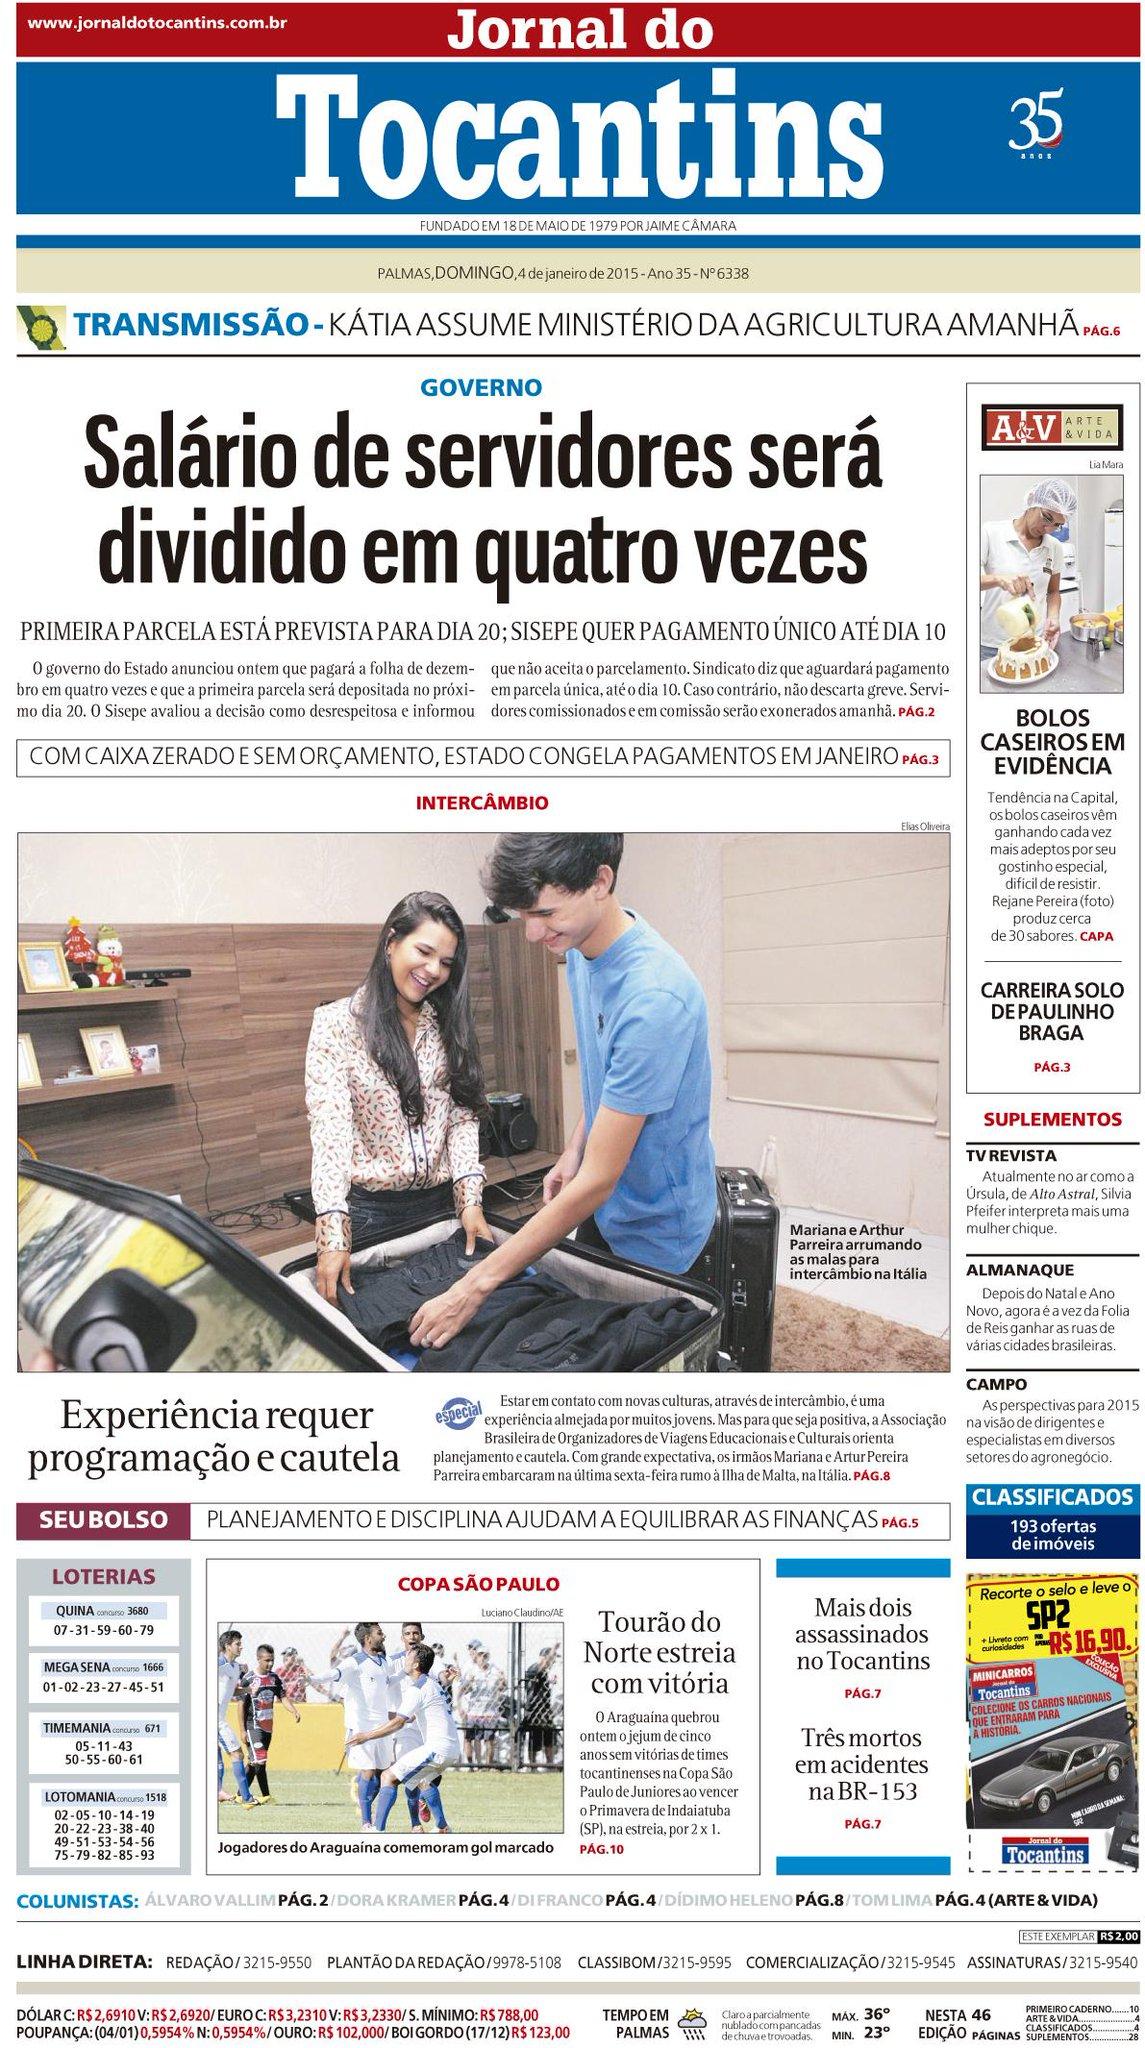 Bom dia! Confira os destaques da capa do Jornal do Tocantins deste domingo, 4 de janeiro: http://t.co/Mr0OhHqqem